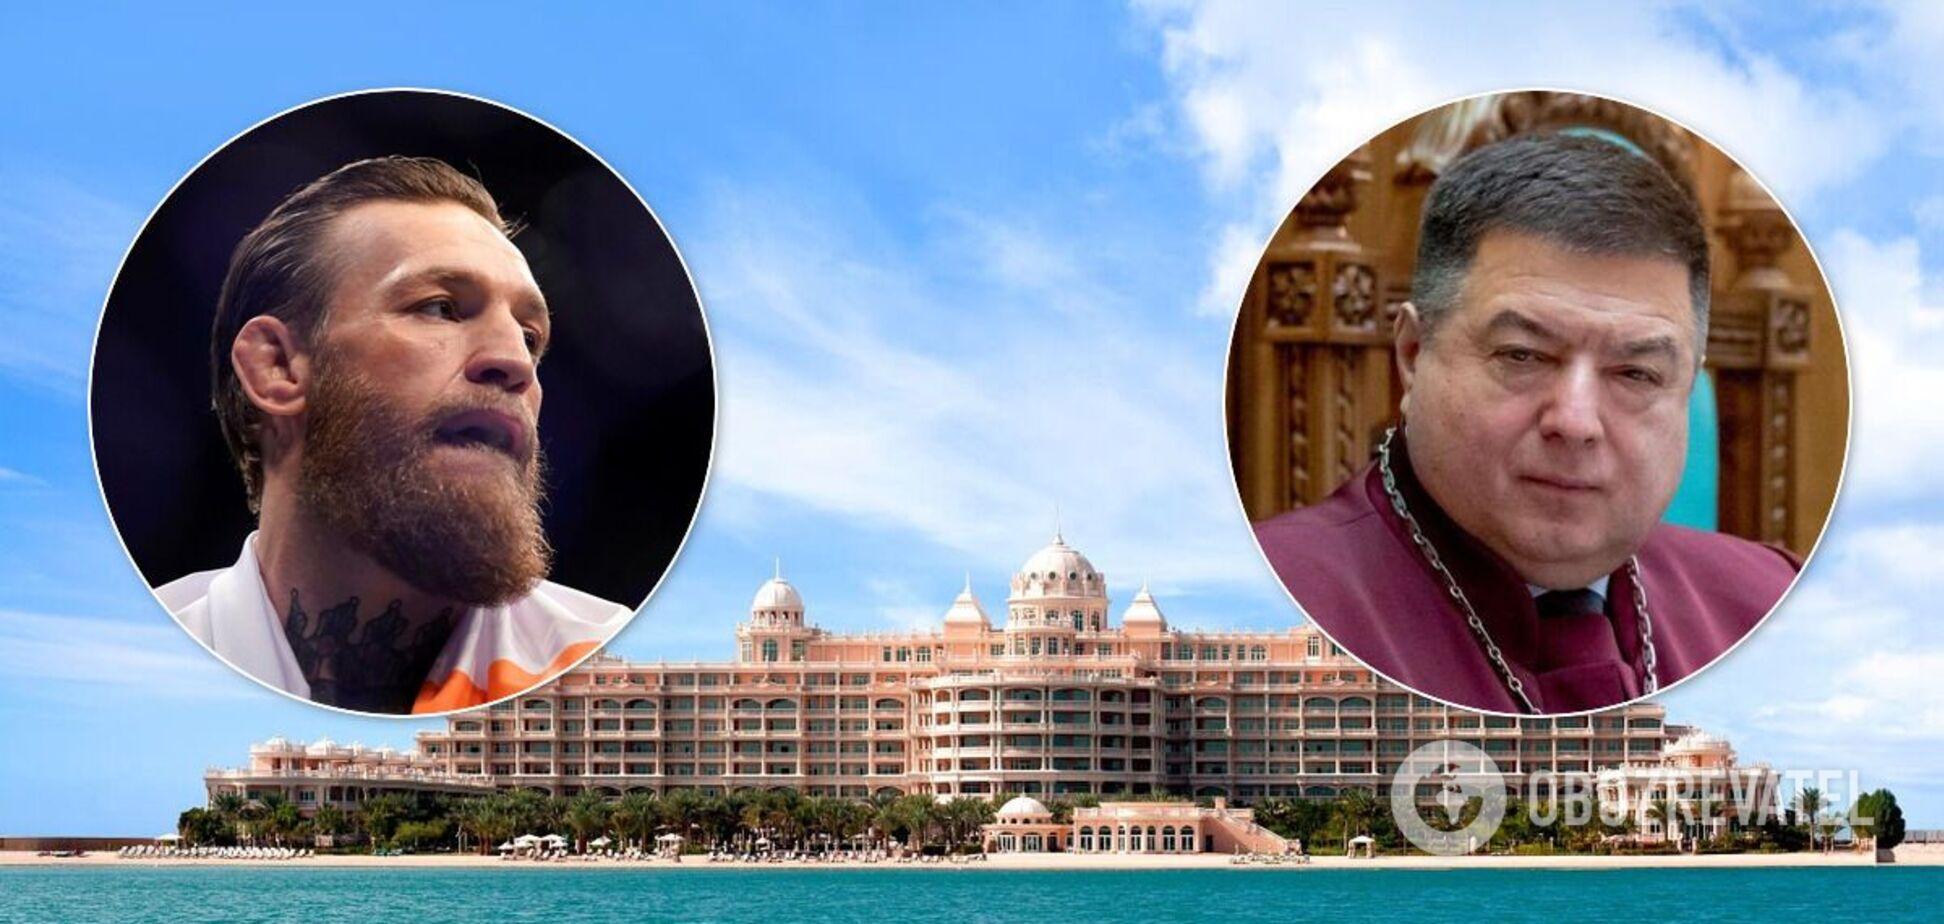 Глава КСУ Тупицкий отдыхает в одном отеле с Конором МакГрегором. Фото из Дубая